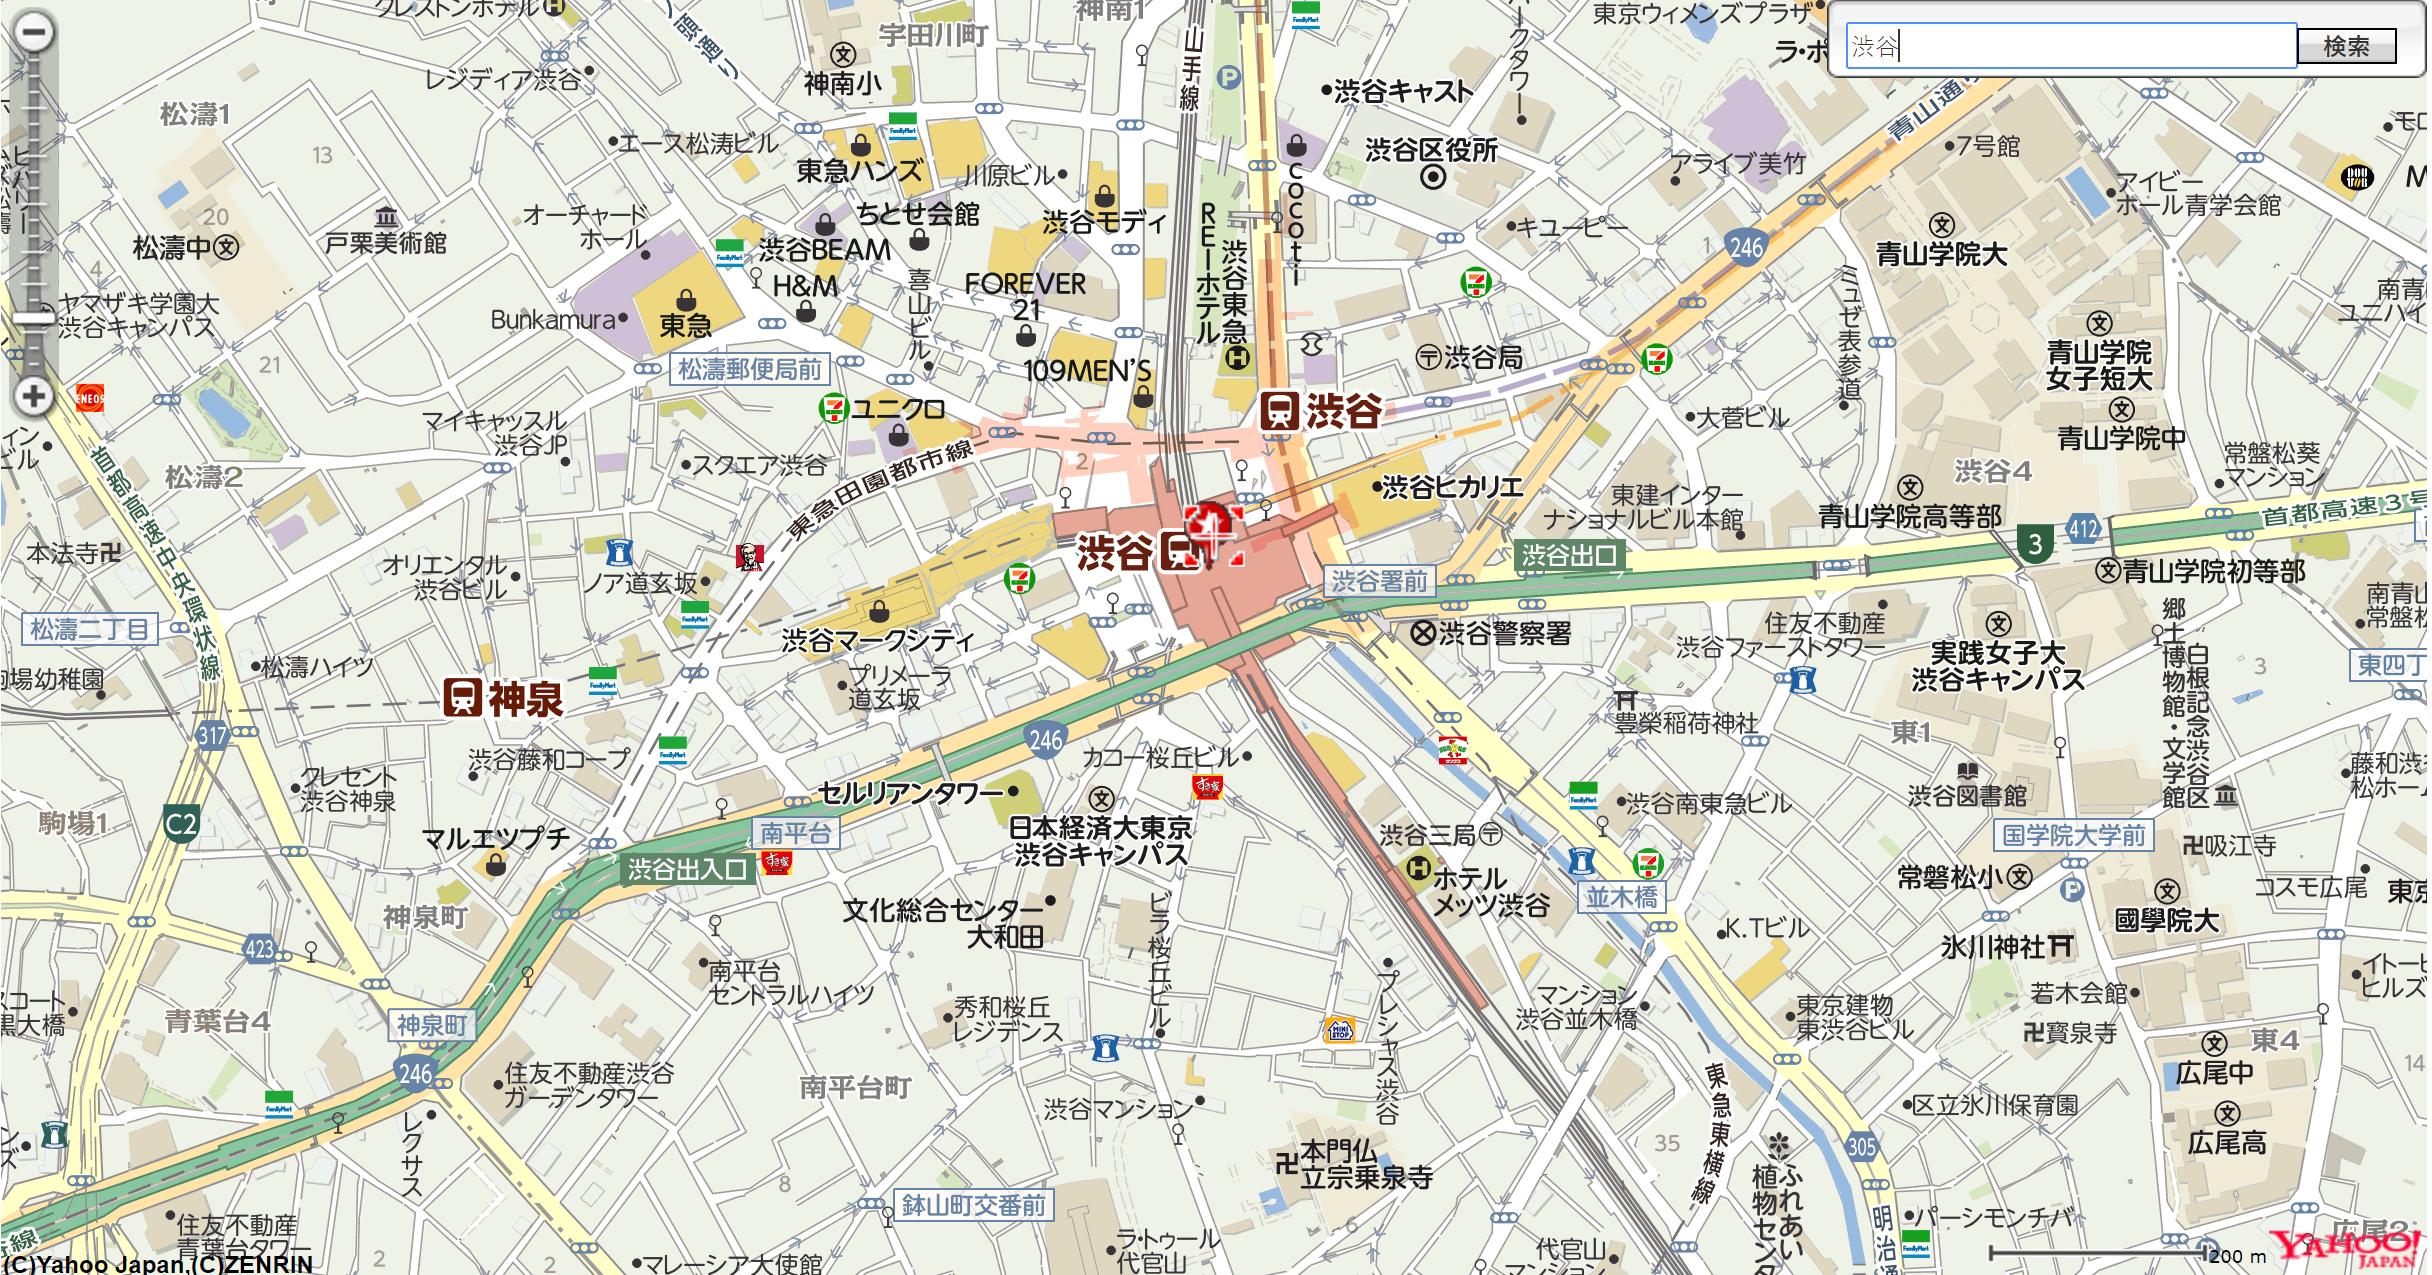 渋谷駅でプロモーション